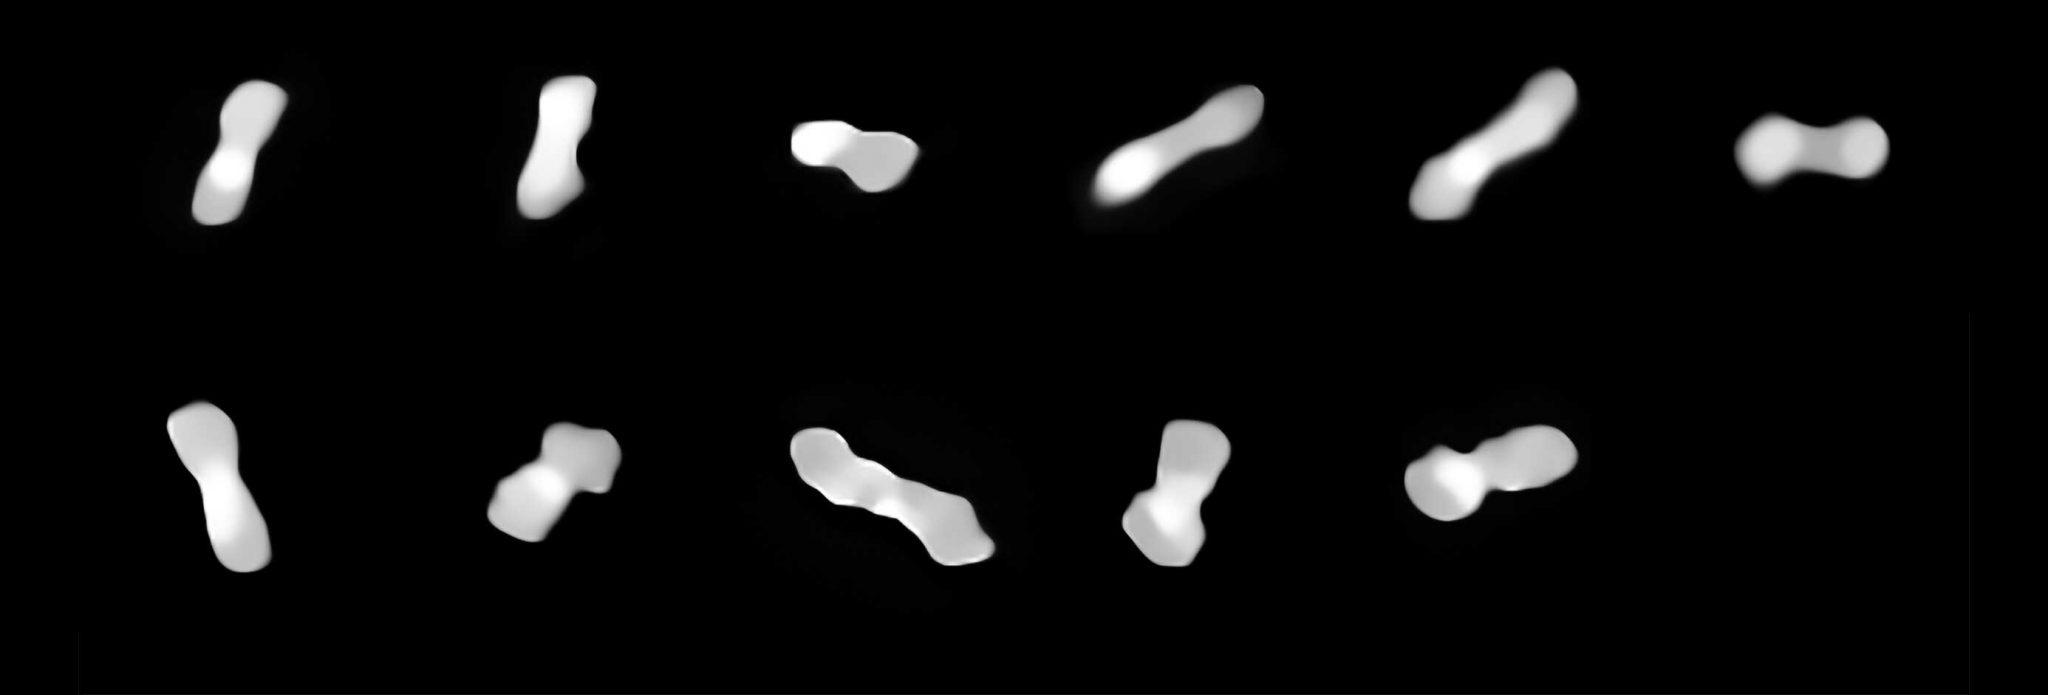 欧洲南方天文台甚大望远镜获得迄今为止小行星Kleopatra最清晰图像